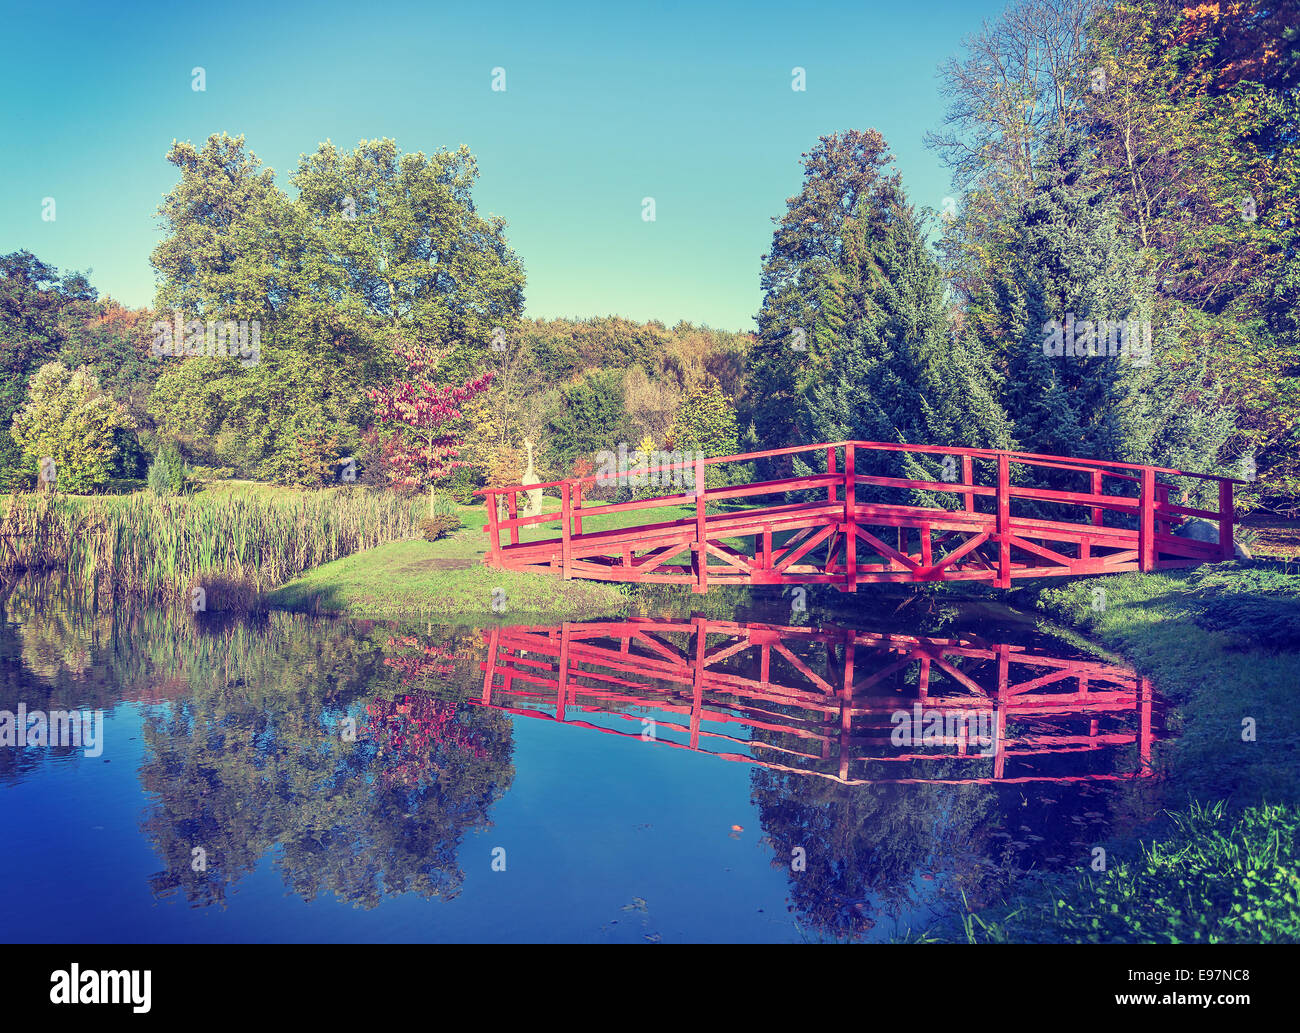 Vintage Retro-gefilterte Bild der roten Brücke im Garten. Stockbild